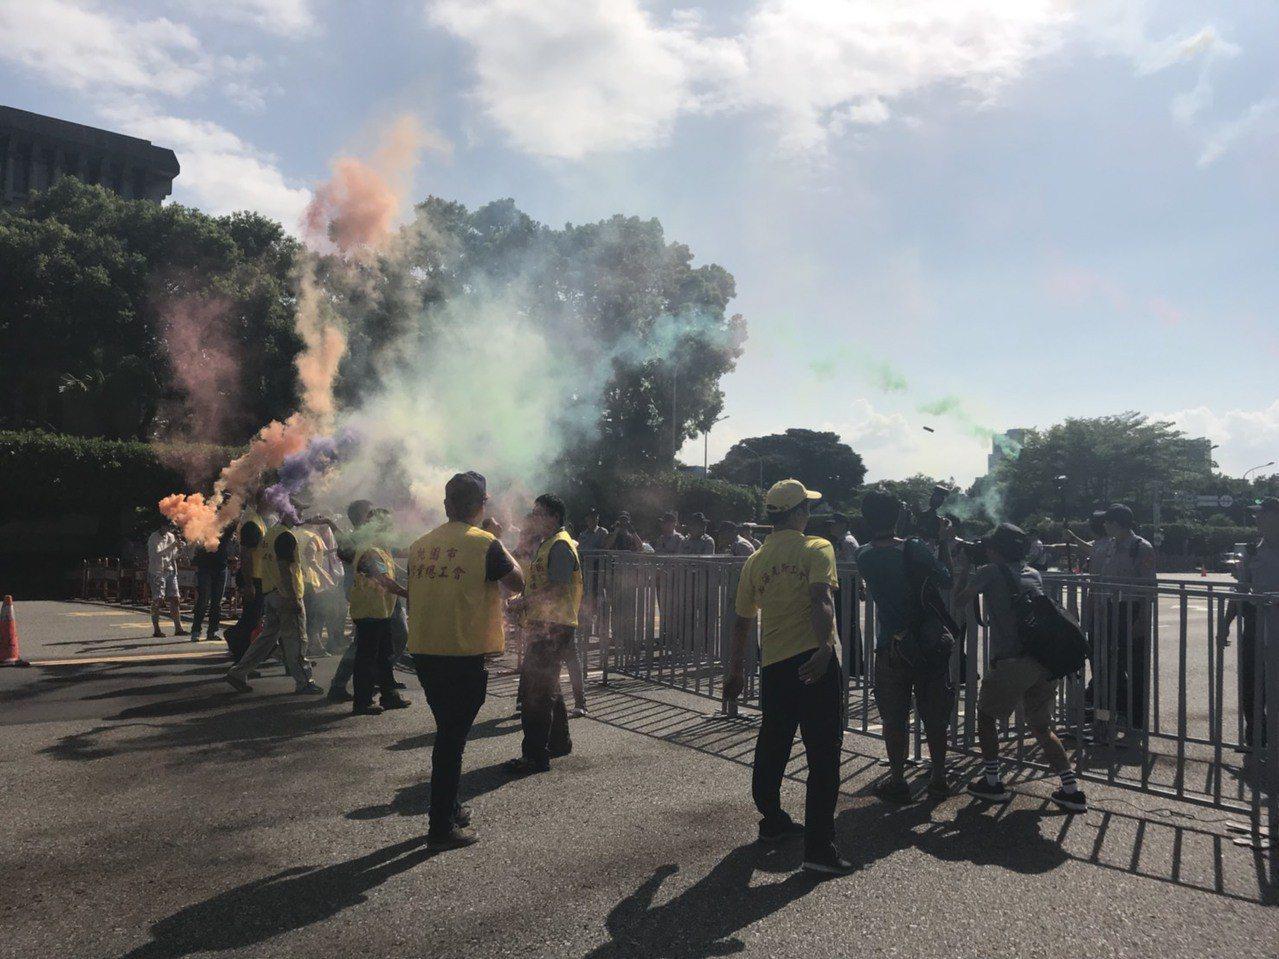 陳抗人士朝總統府丟煙霧罐。記者蕭雅娟/攝影